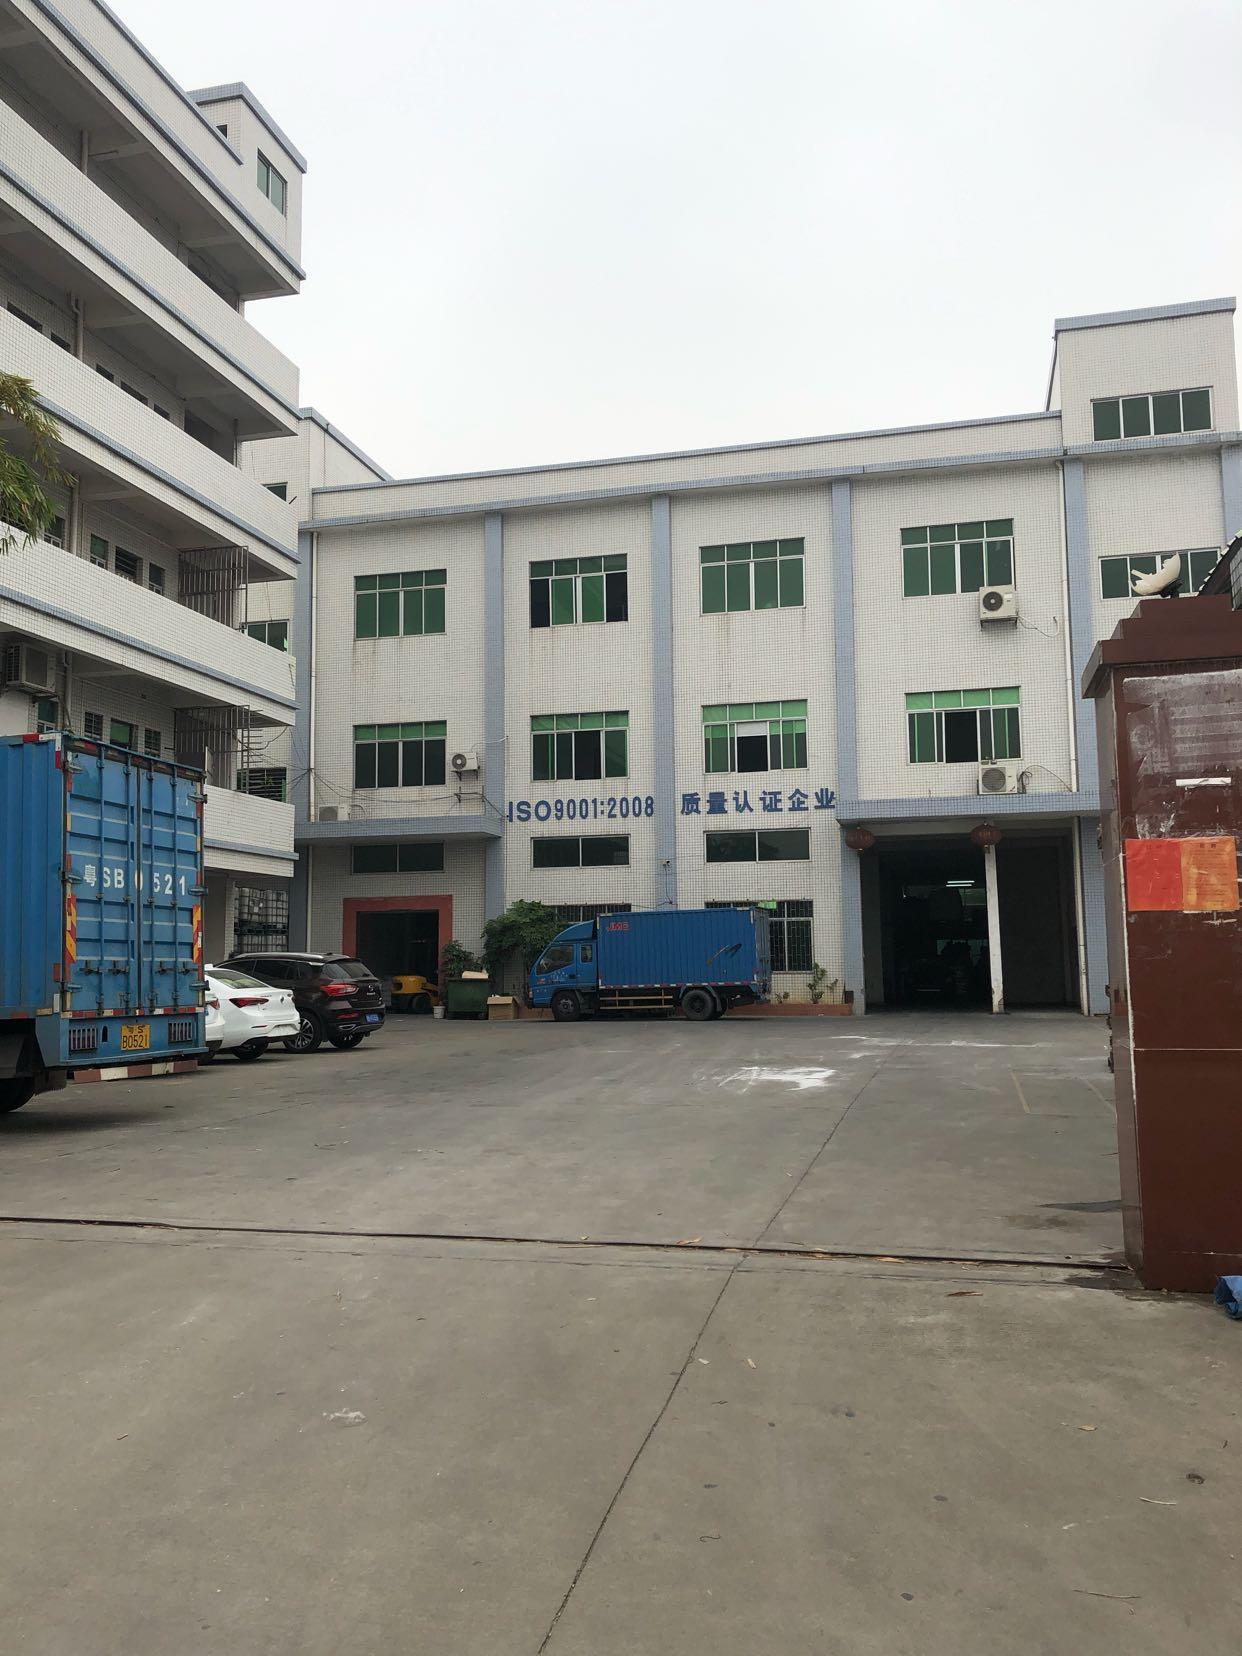 虎门原房东独院厂房出租5000平方、宿舍1000、实际面积